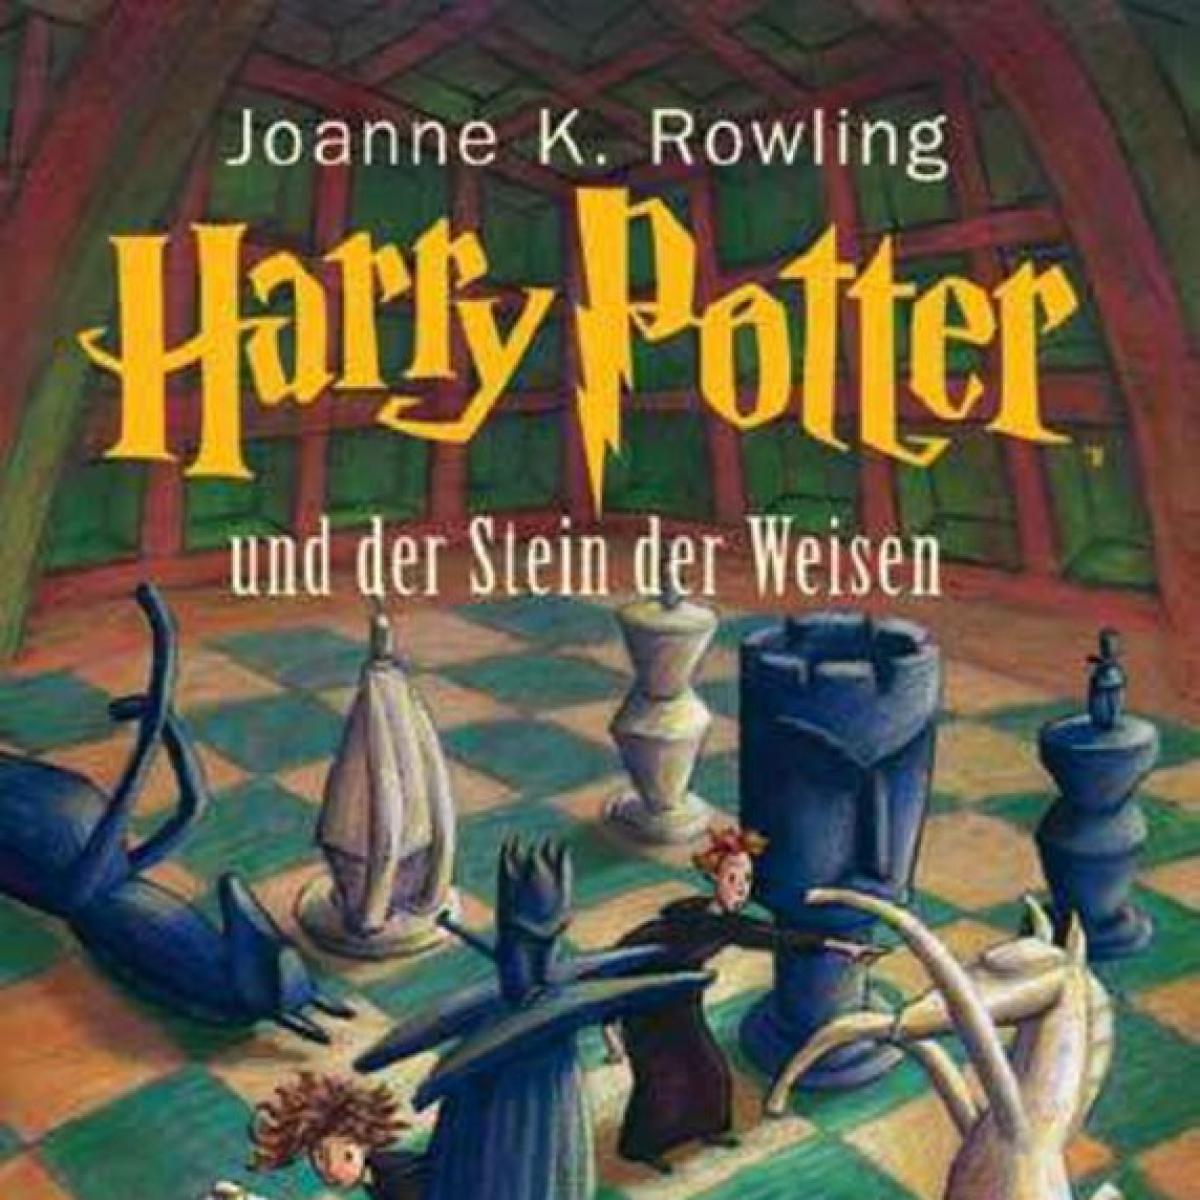 Harry Potter Harry Potter Erstausgabe Erzielt Bei Auktion Knapp